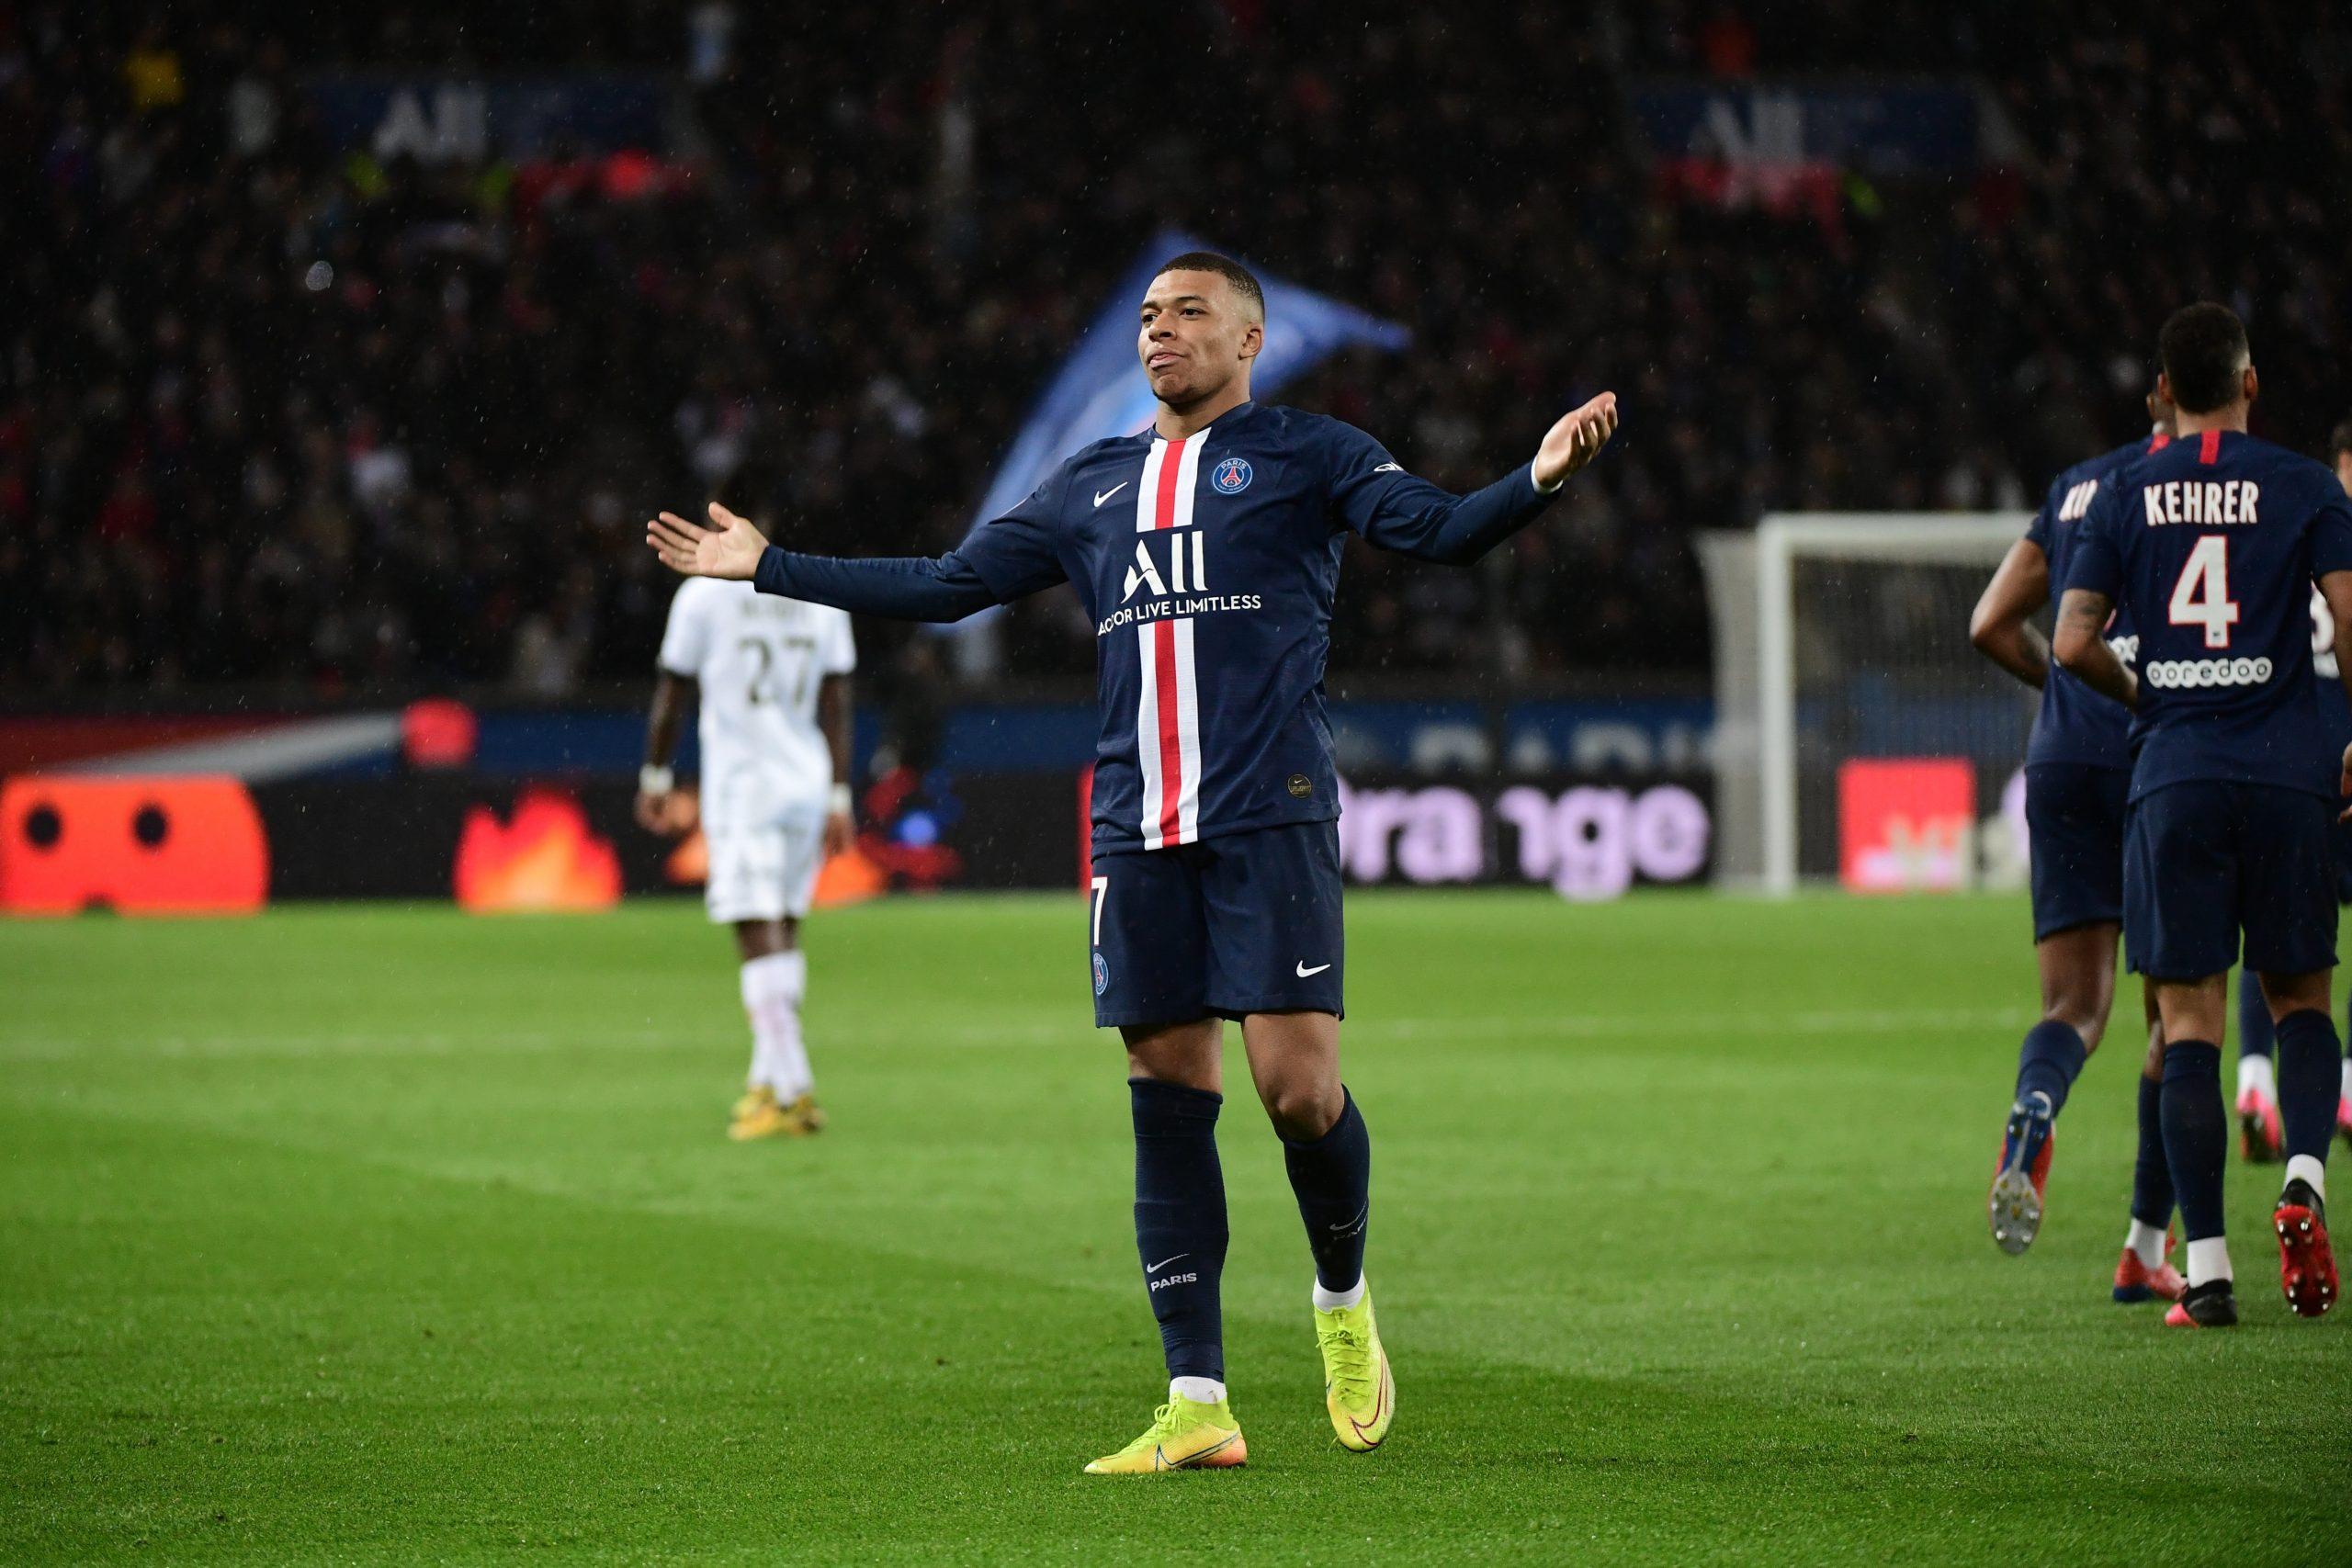 Mercato - Mbappé au PSG la saison prochaine, le Real Madrid a de l'espoir pour 2021 selon L'Equipe